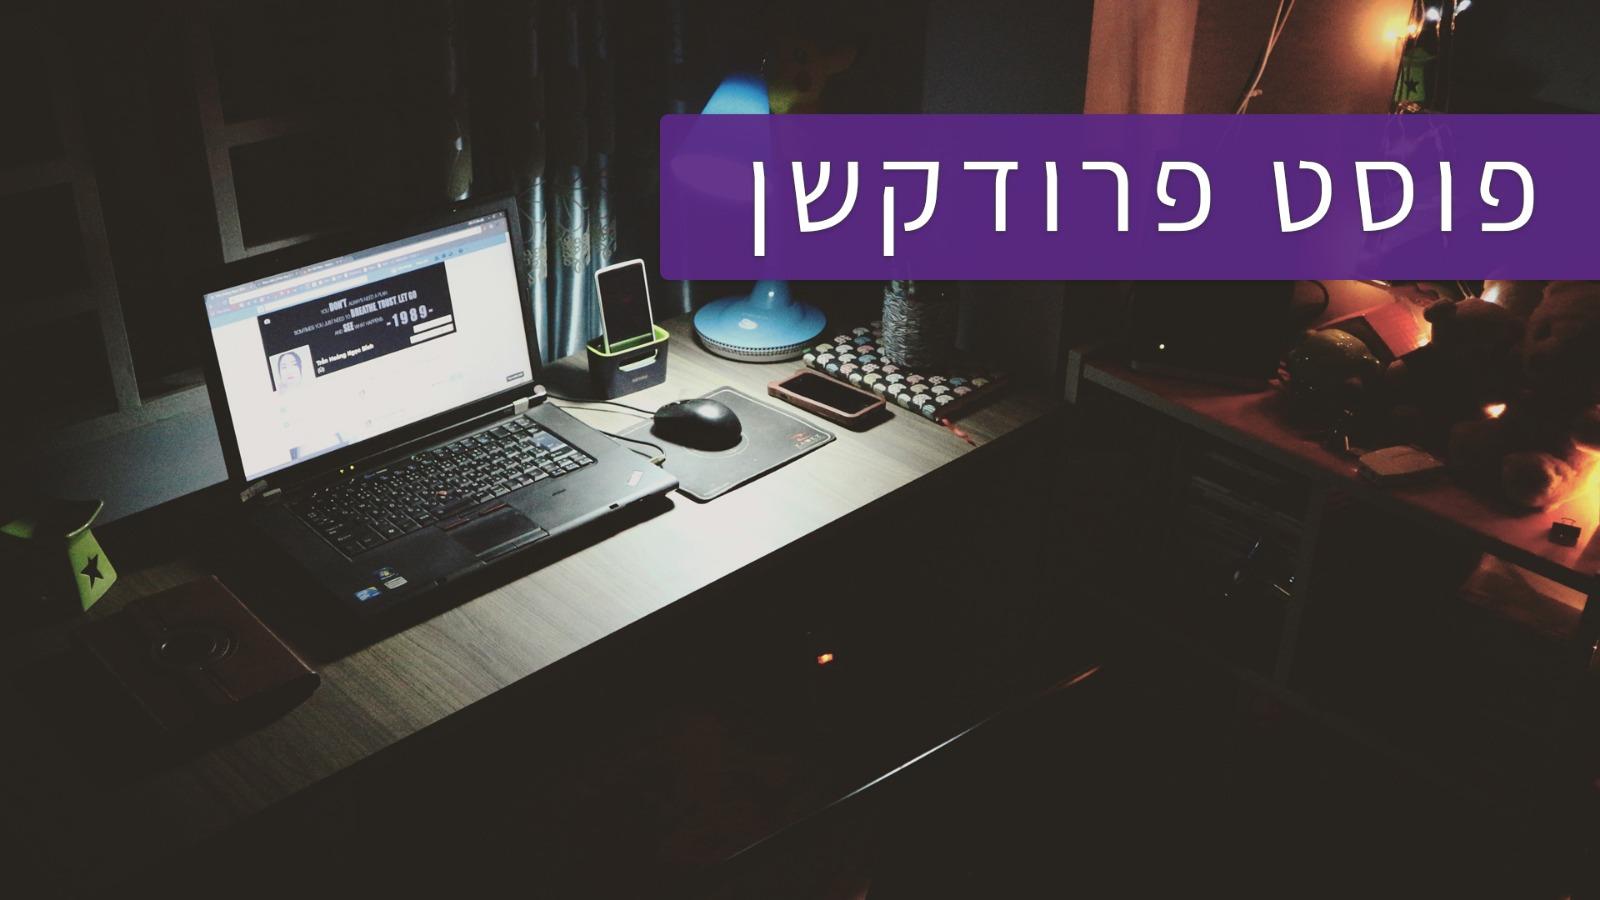 אלעד שבר תקשורת מנצחת | שרותי פוסט פרודקשן ועיצוב צליל מול תמונה